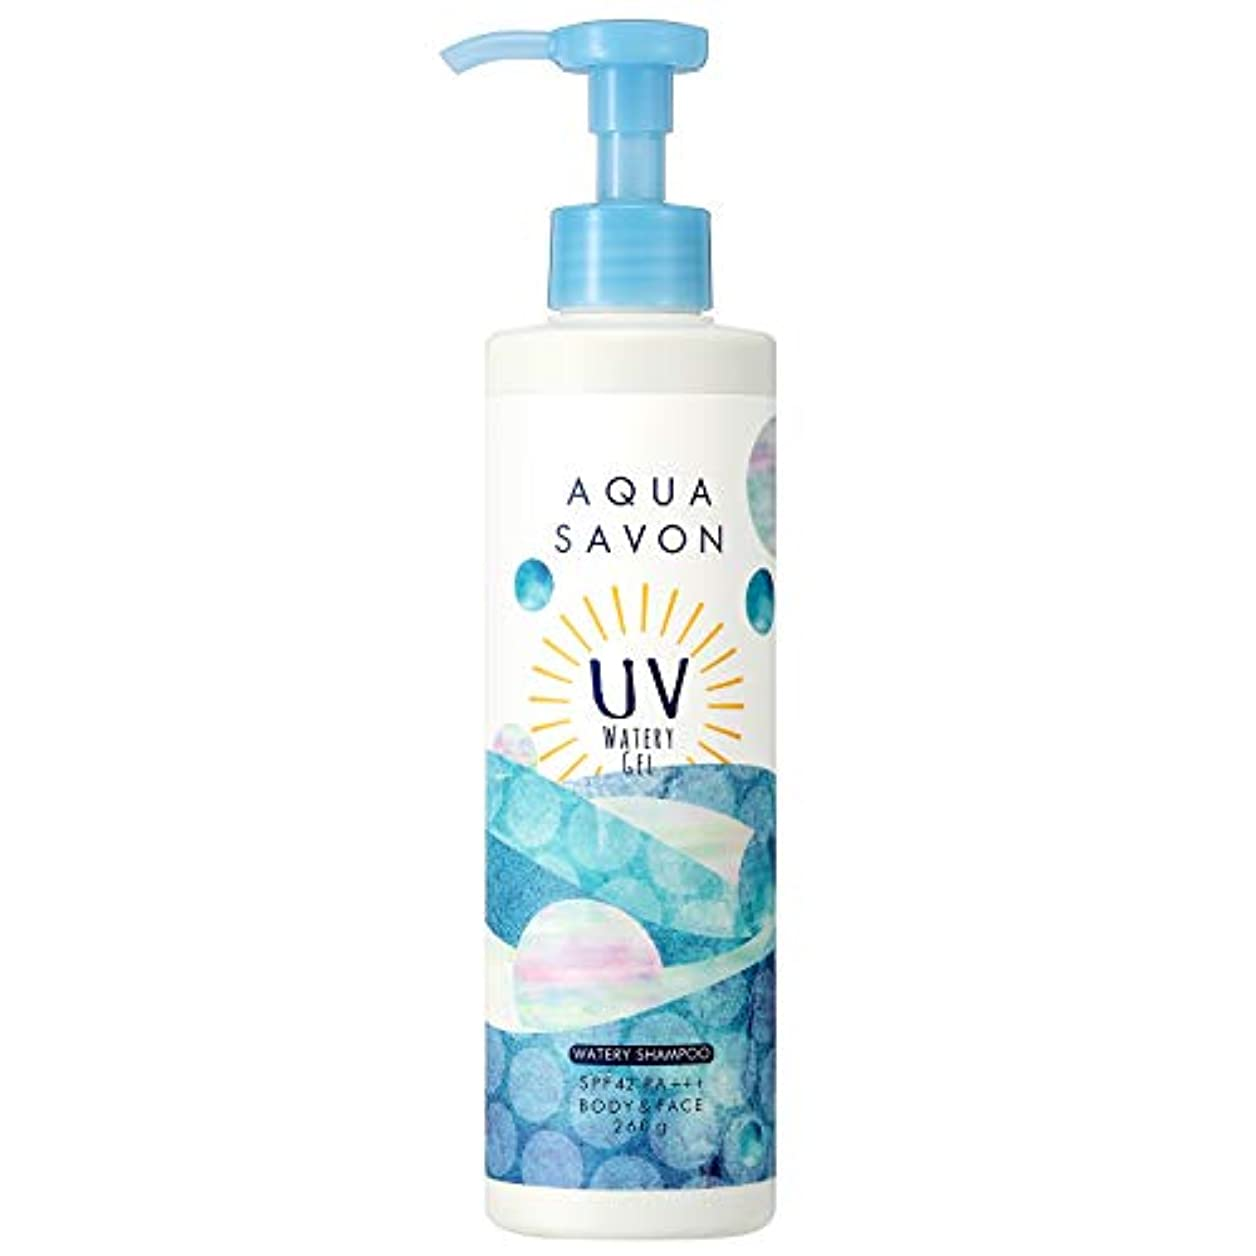 励起クスコマラウイアクアシャボン UVジェル ウォータリーシャンプーの香り 19S 260g